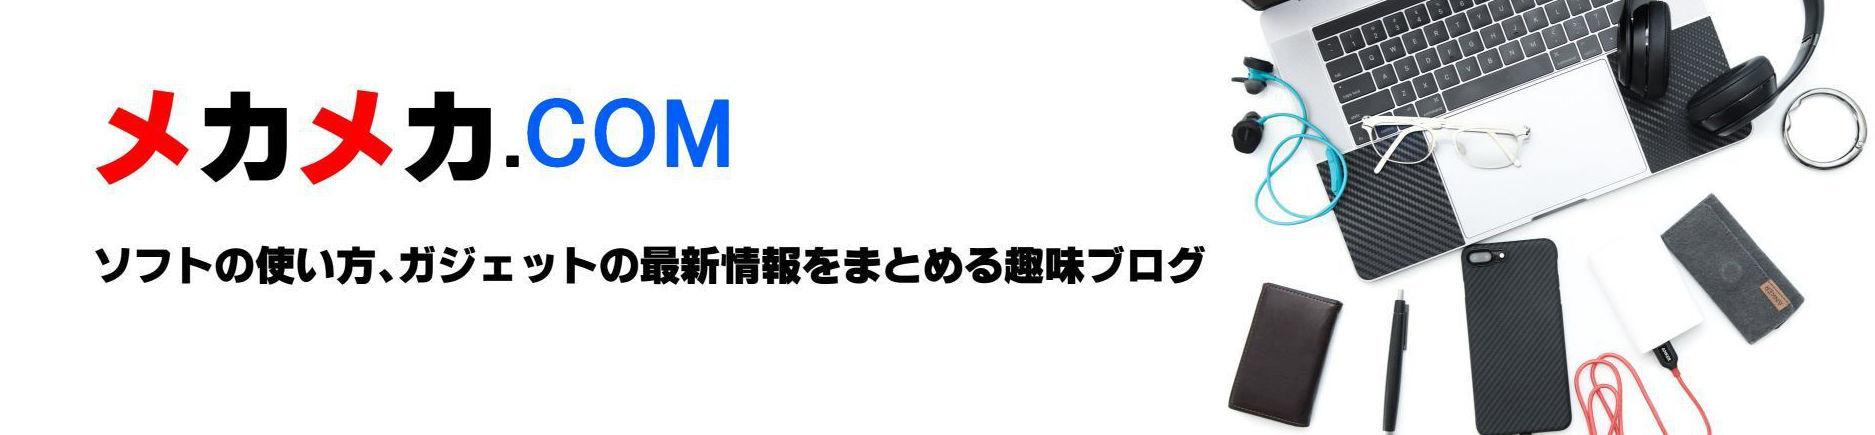 メカメカ.COM